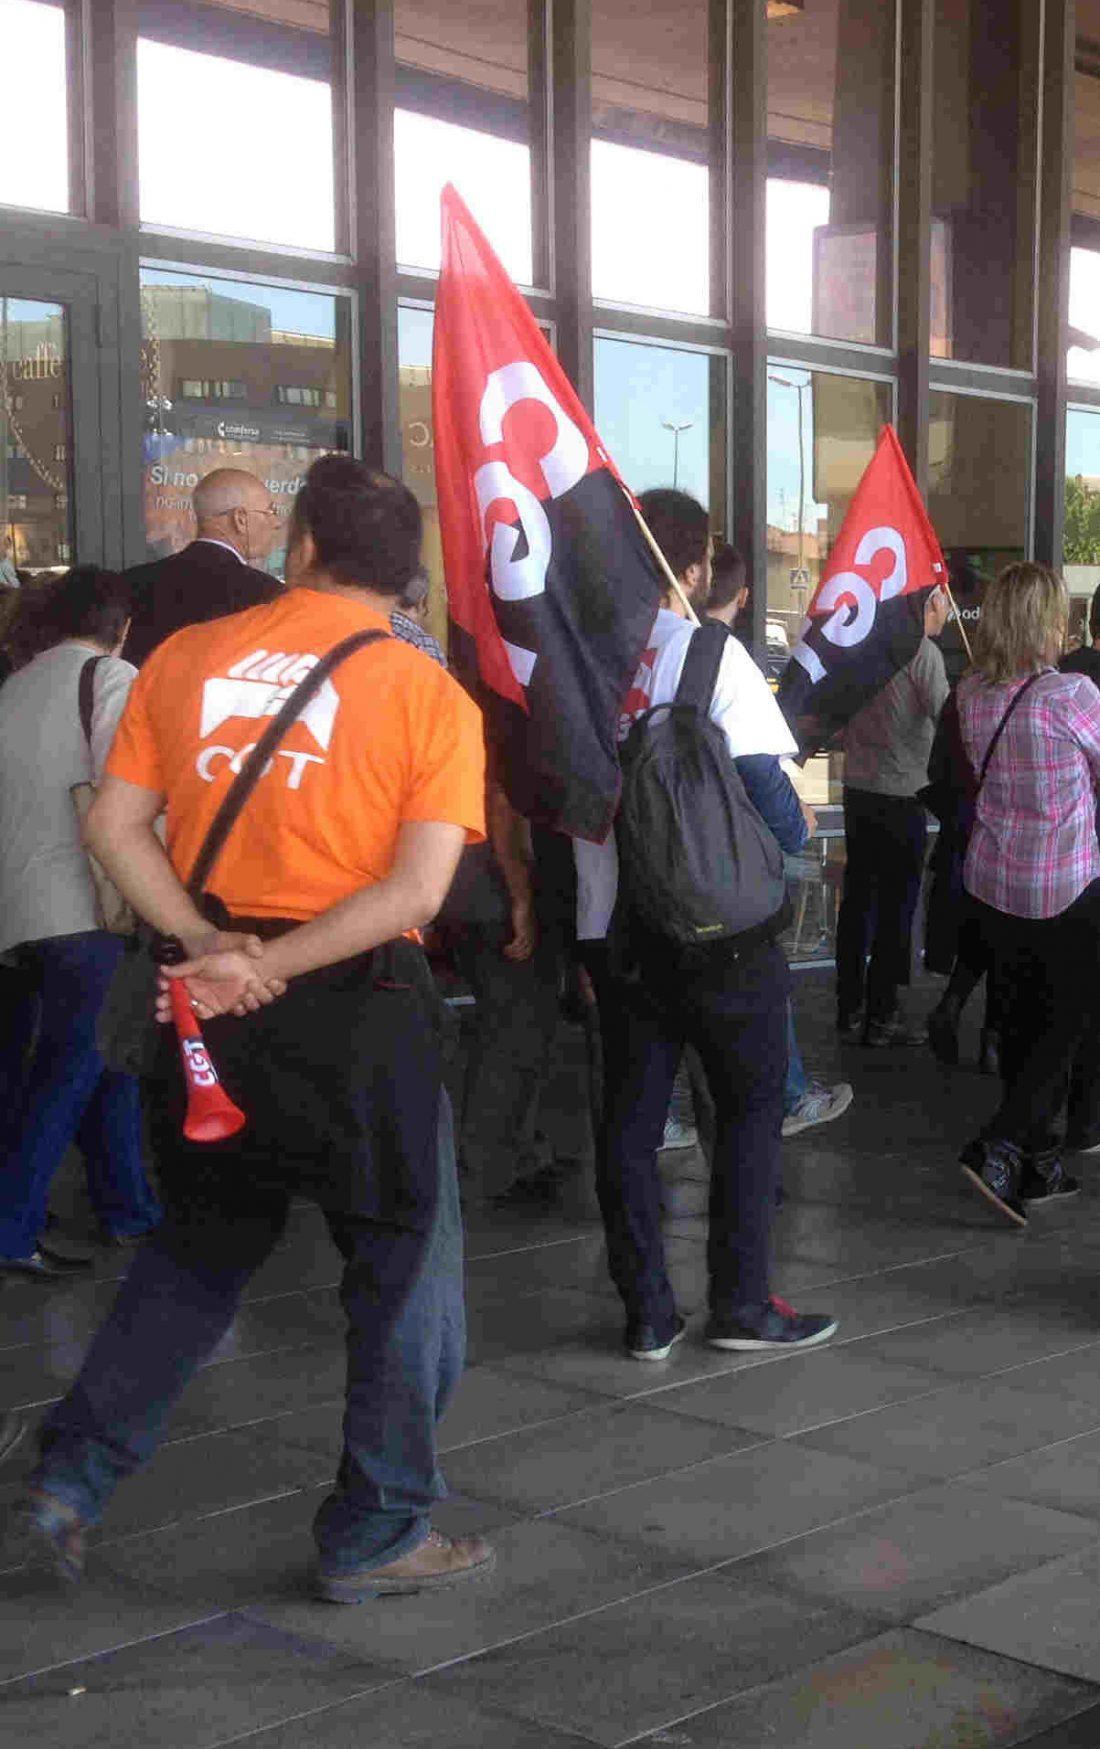 Jornada de lucha por un ferrocarril público y contra la privatización el viernes 17 de mayo en la Estación de Sants, Barcelona